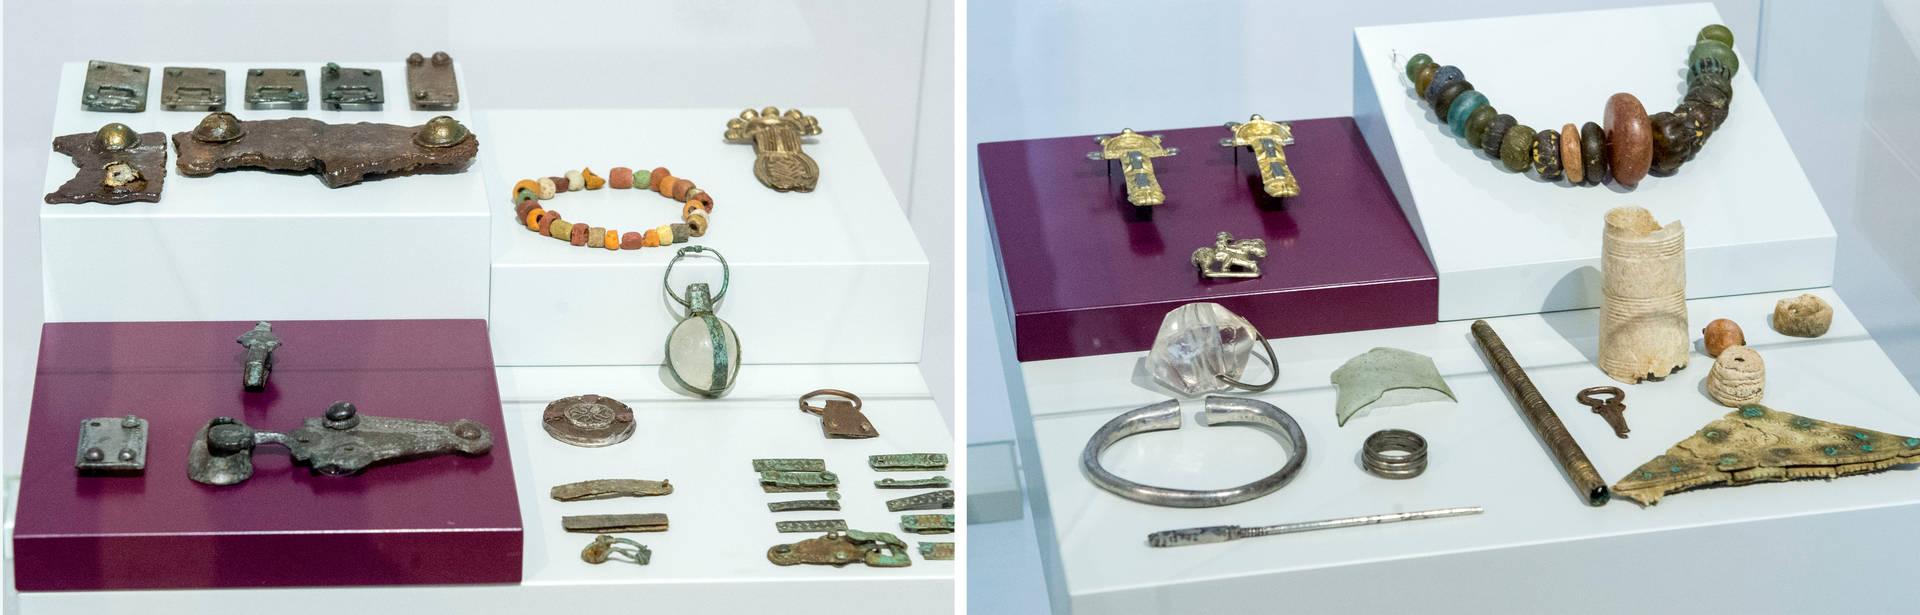 Fränkische (links) und alamannische Grabbeigaben, die an (verschiedenen) Fundorten in Böckingen ausgegraben wurden. Fotos: Mario Berger